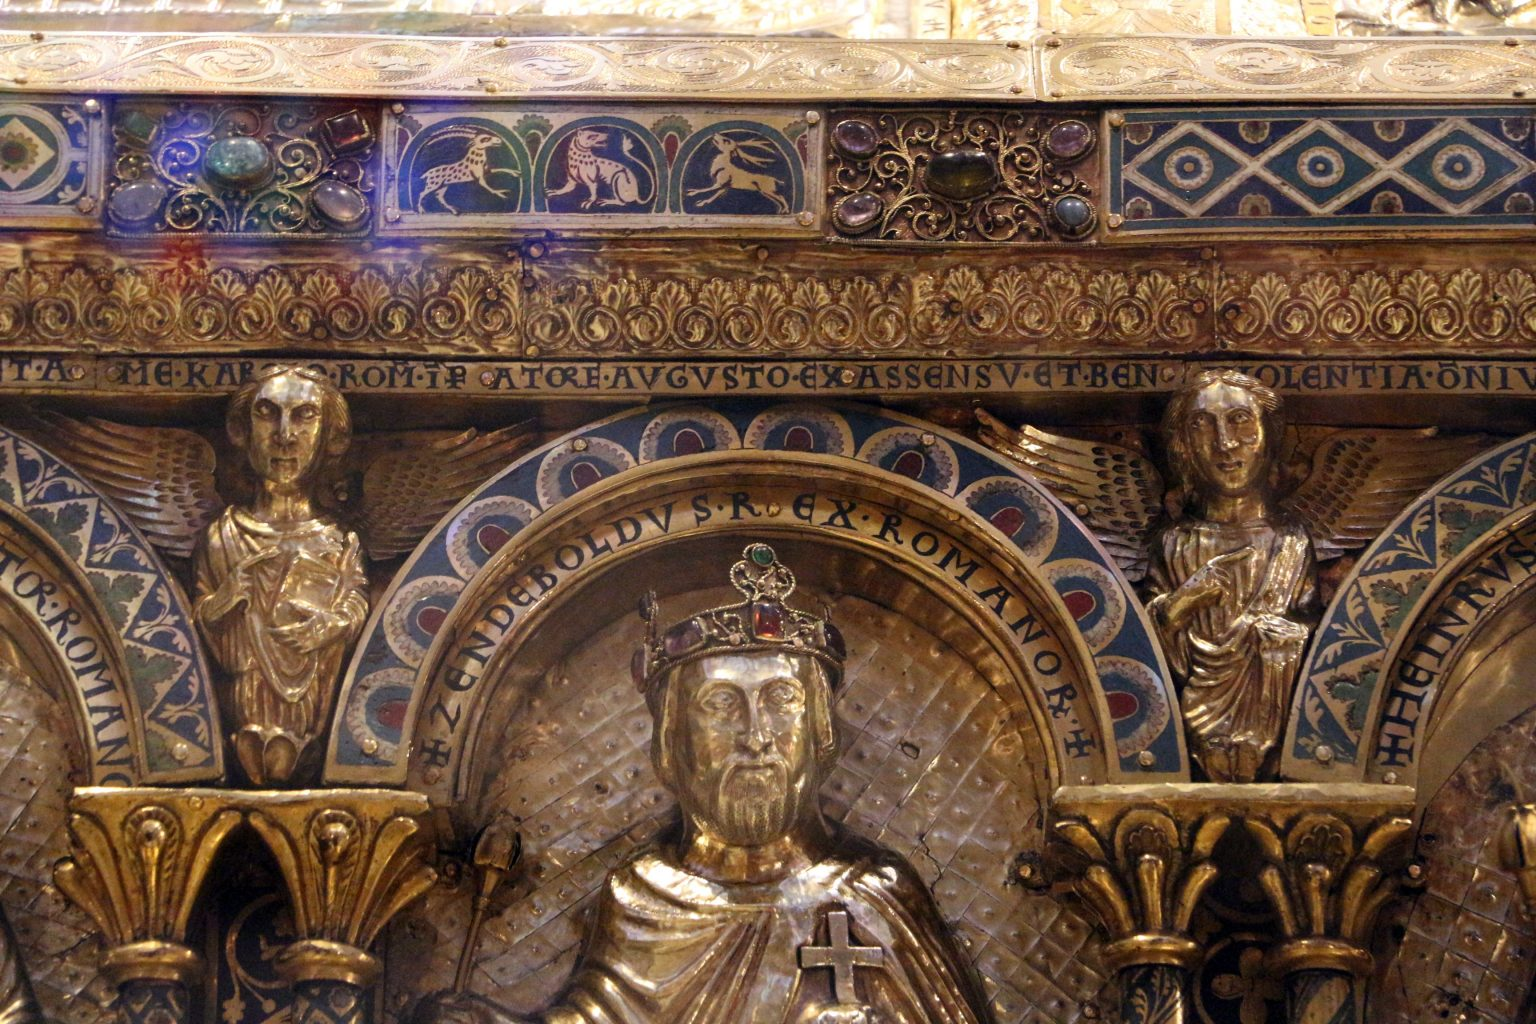 Svätopluk ako Rímsky kráľ na sarkofágu Karola Veľkého v Cáchach (Aachene). Sarkofág pochádza z 12. storočia. Ako vidieť, týmto bezvýznamným priekupníkom s otrokmi (moravský historik Wihoda) nepohrdli ani rímski cisári národa nemeckého.